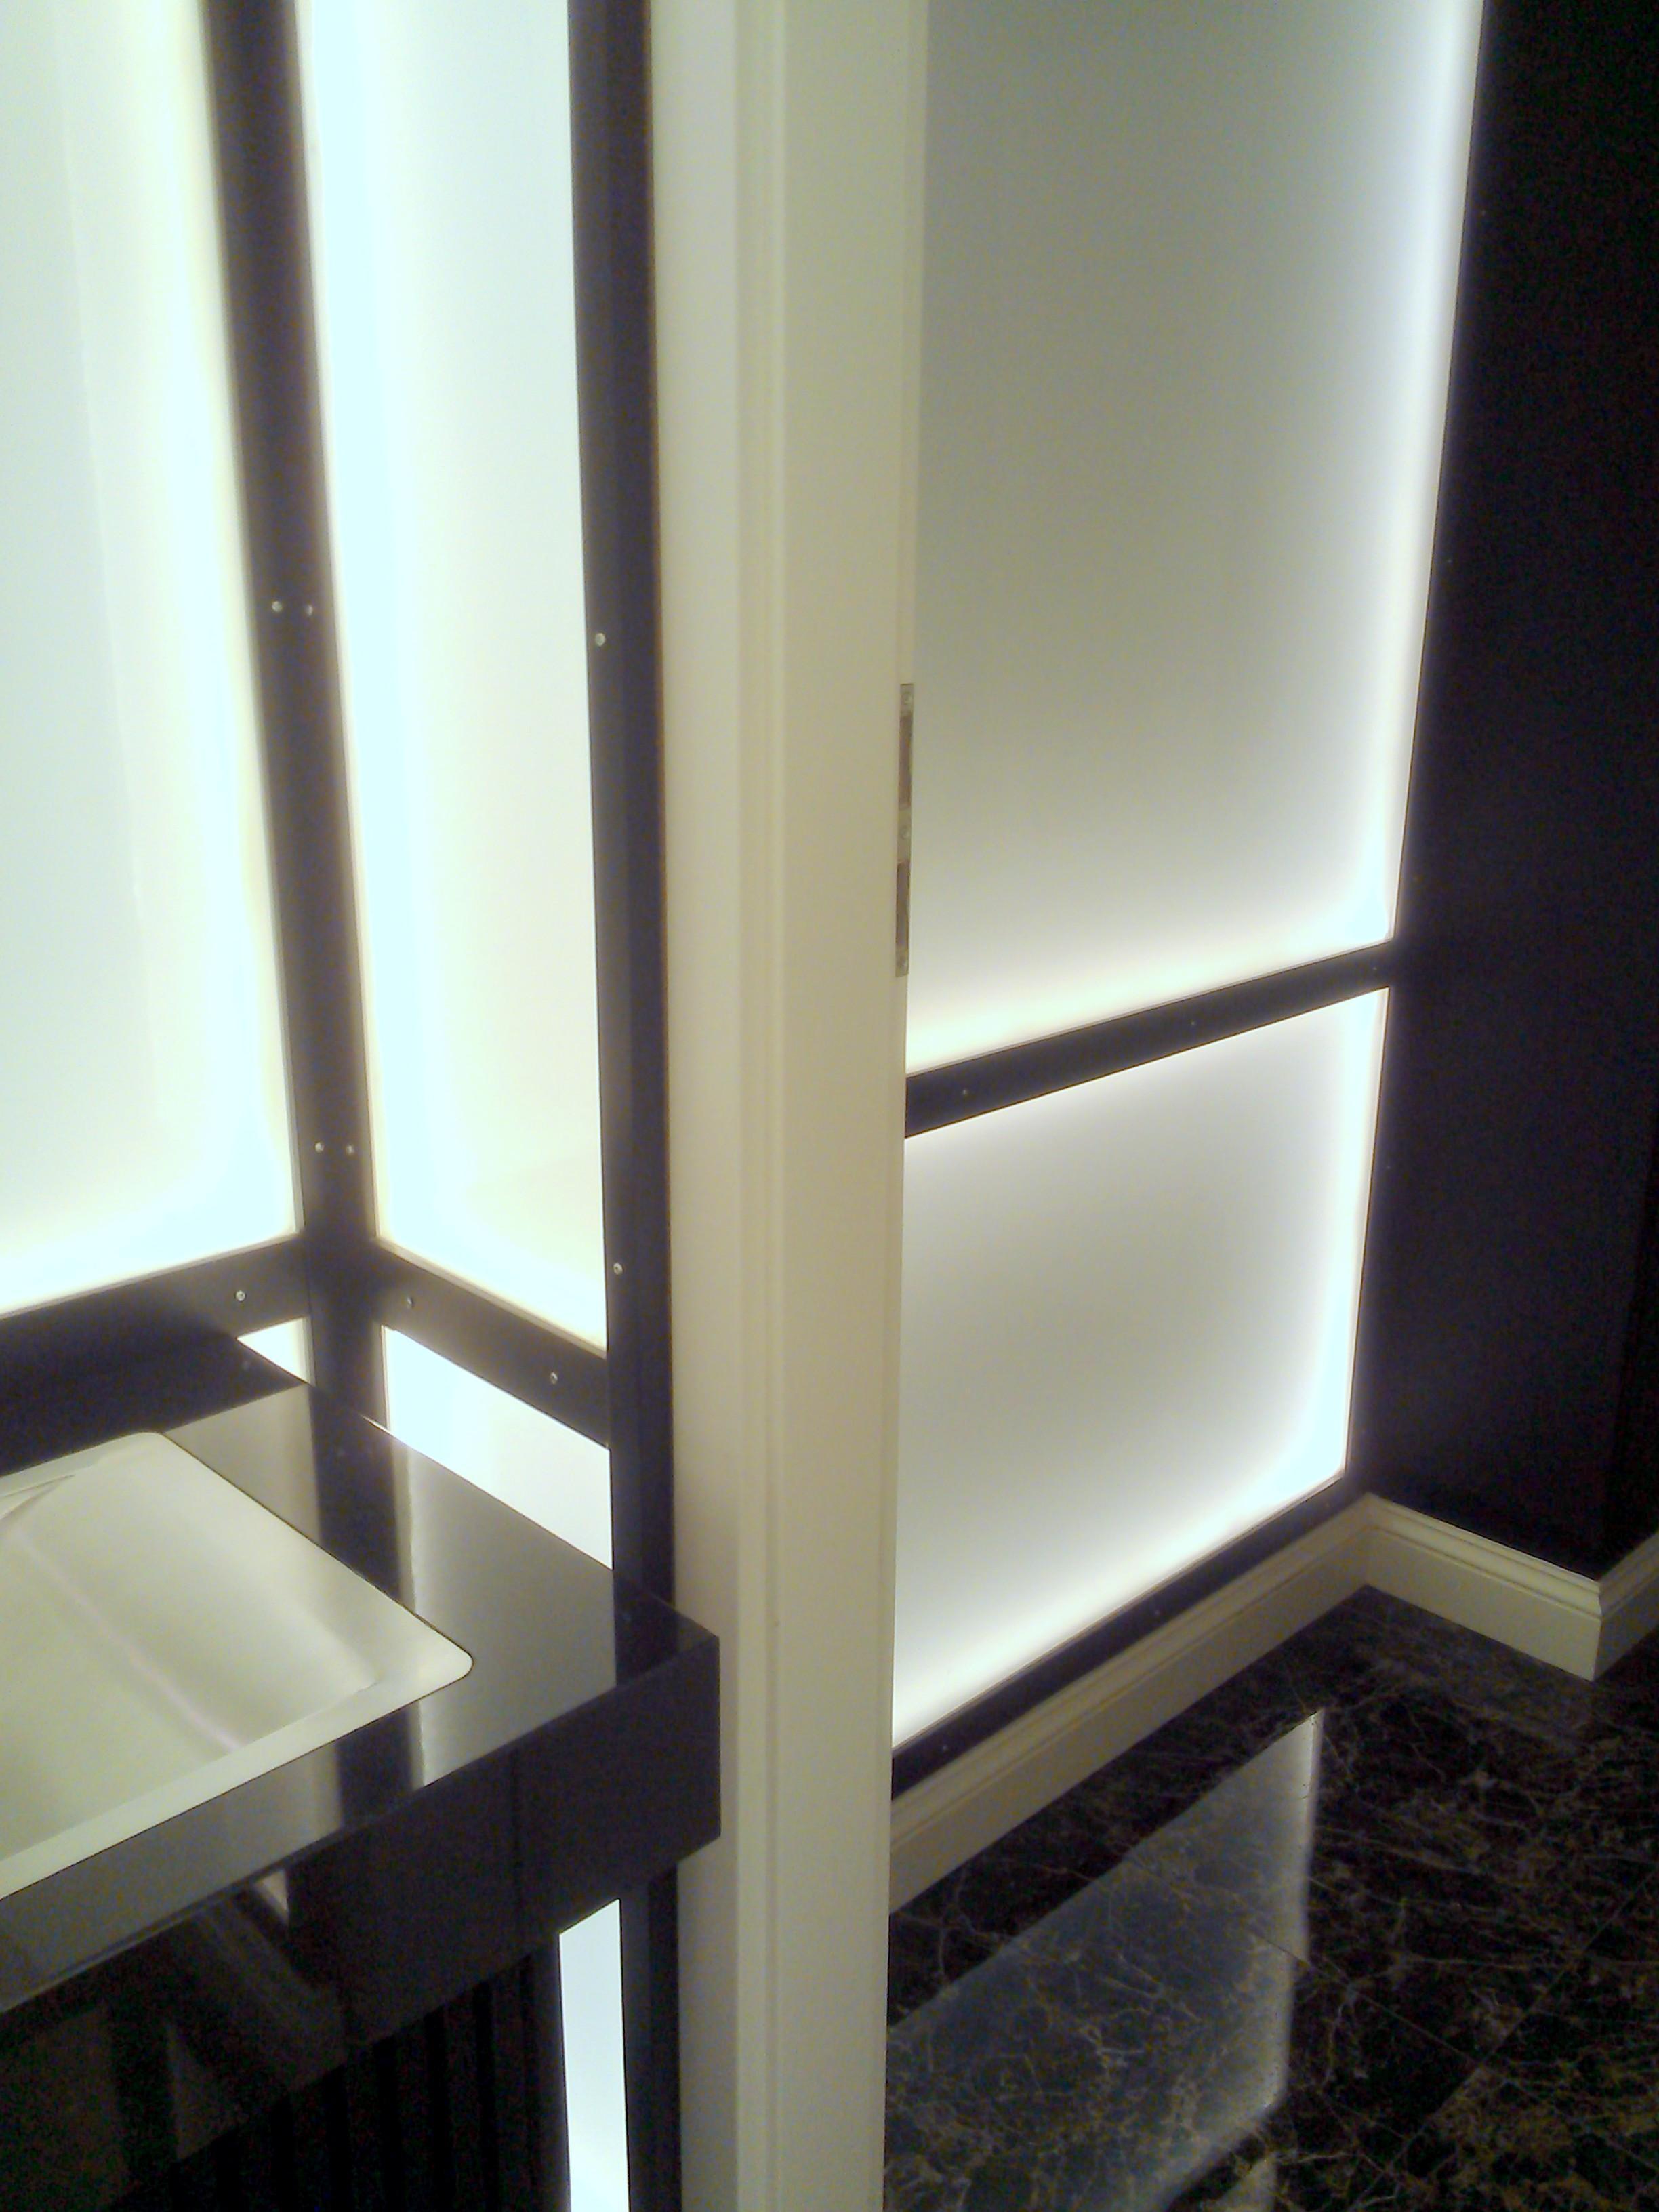 Glaswand • Bilder & Ideen • COUCH